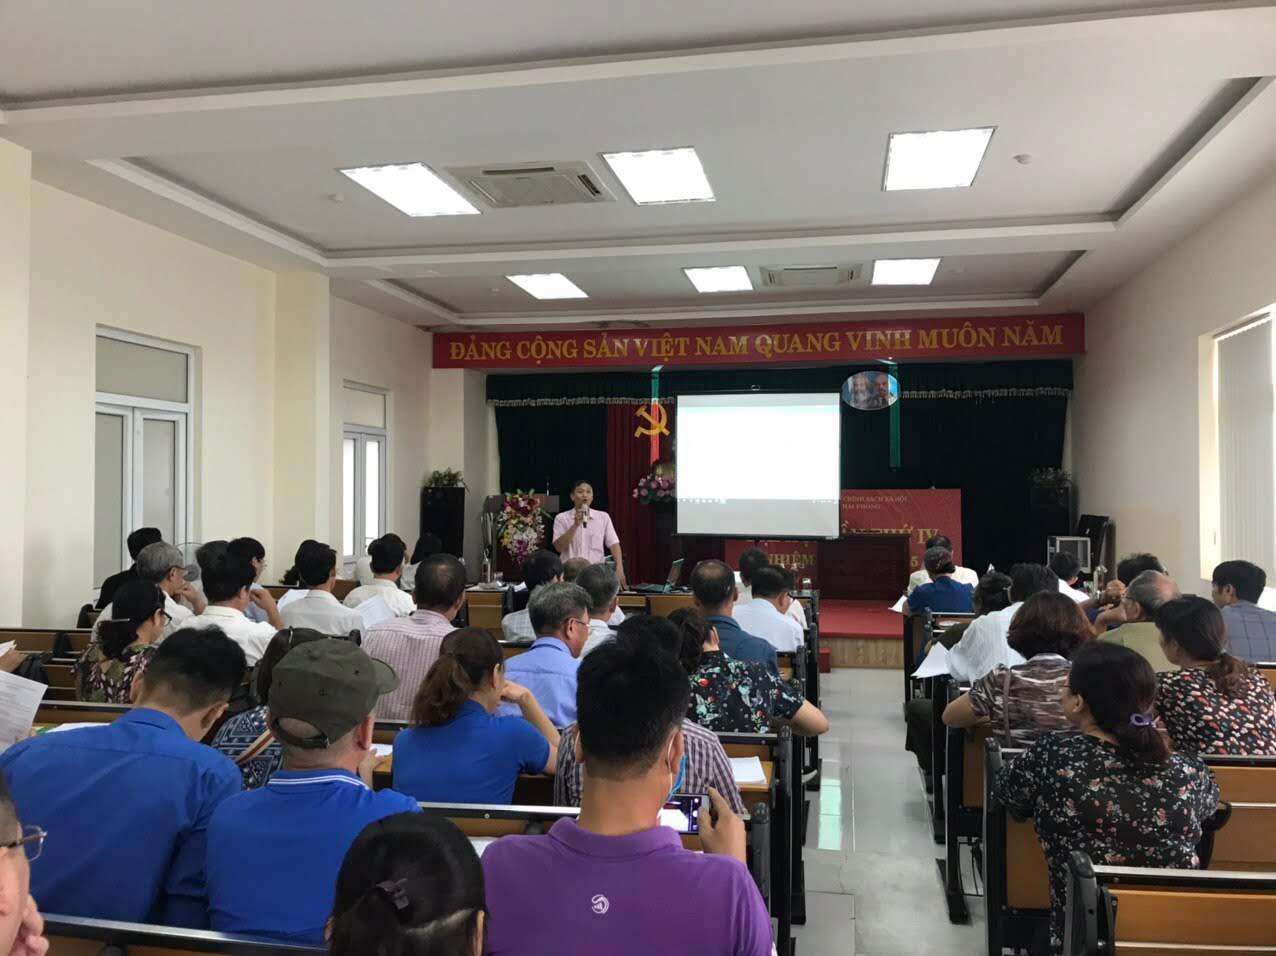 Quận Hải An: Tổ chức tập huấn nghiệp vụ ủy thác cho vay hộ nghèo và các đối tượng chính sách